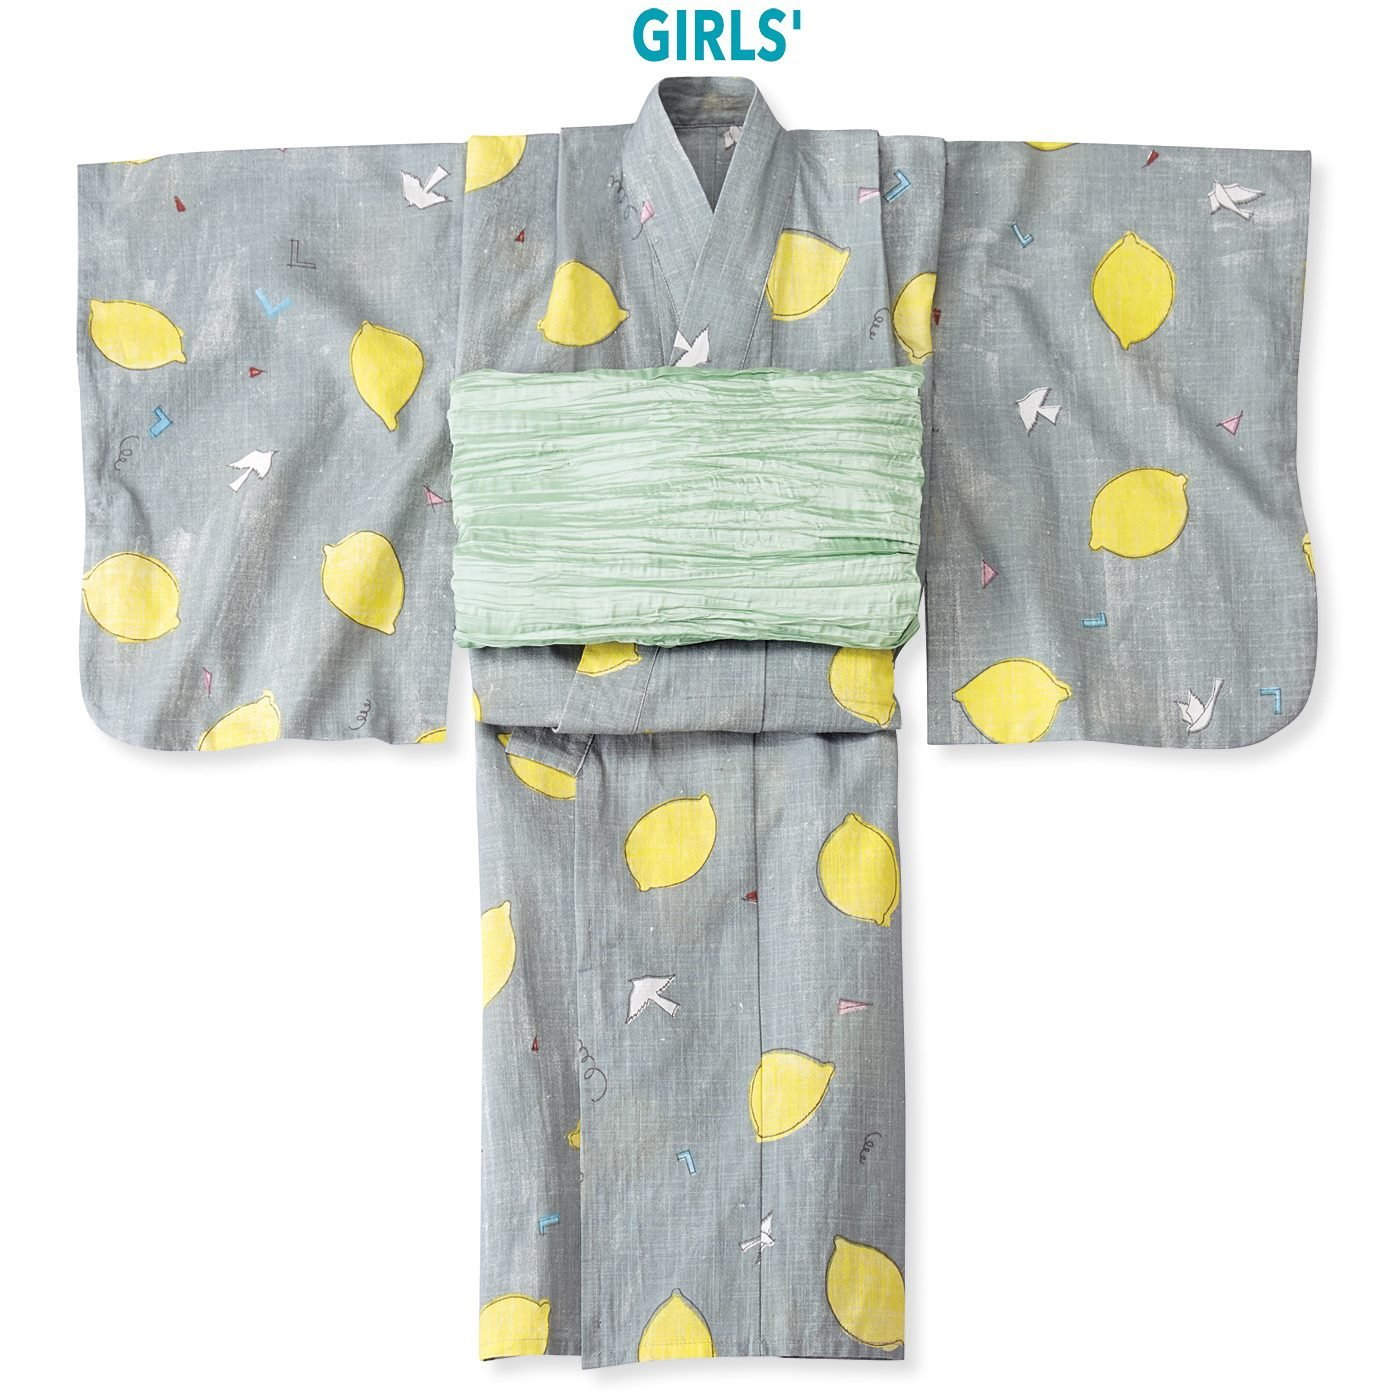 京都Subikiawa食器店さんとつくった レトロなレモン柄の浴衣(ゆかた)